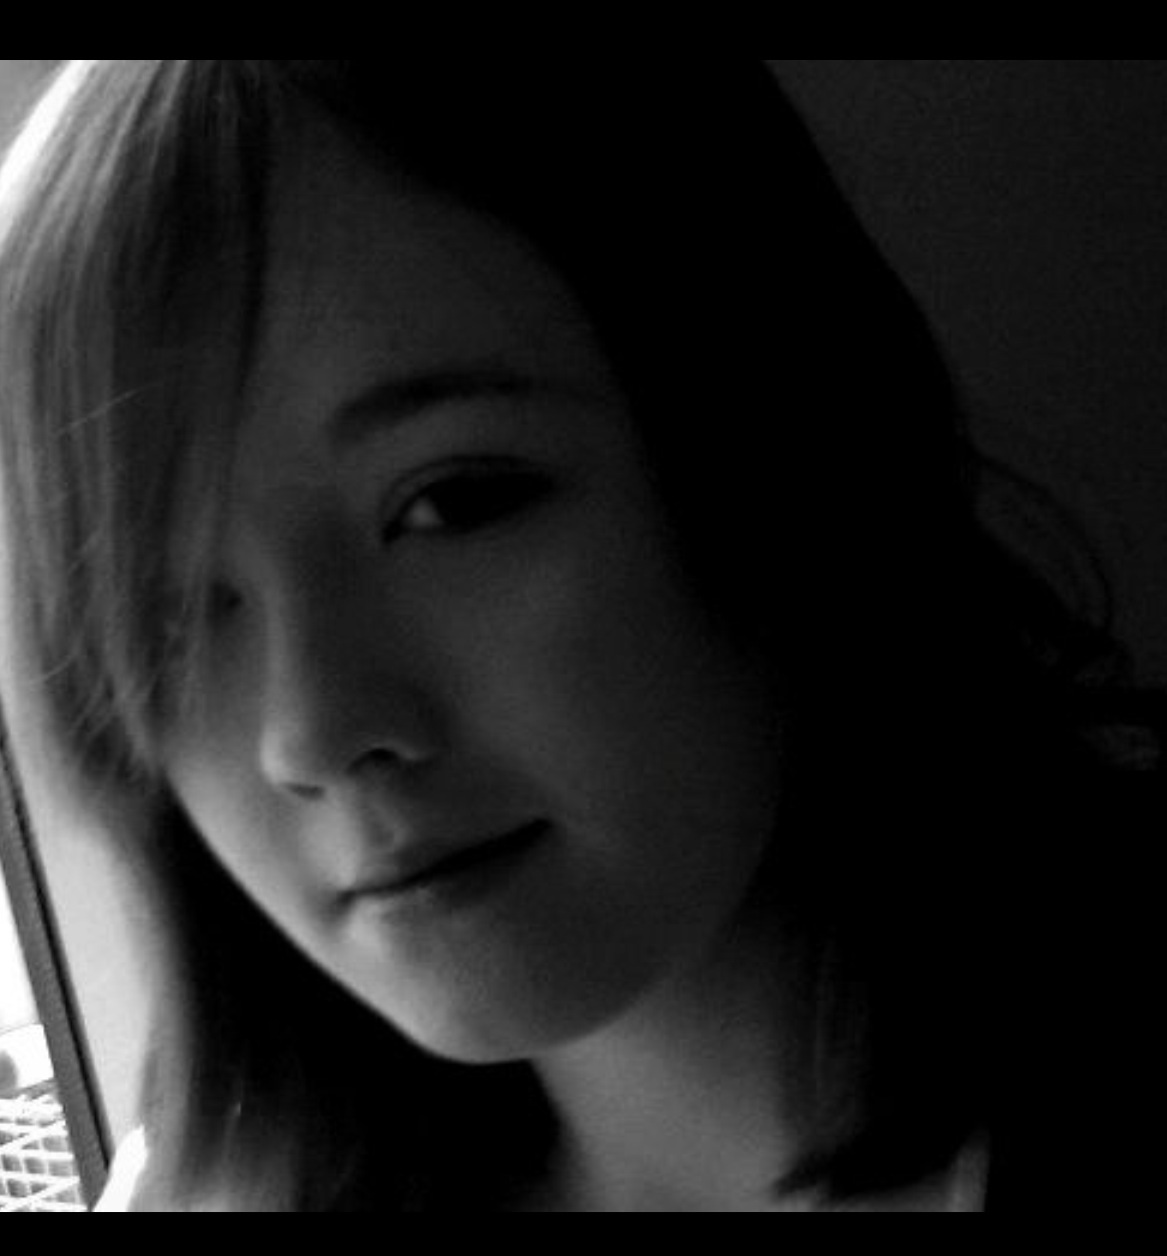 HannahLouise96